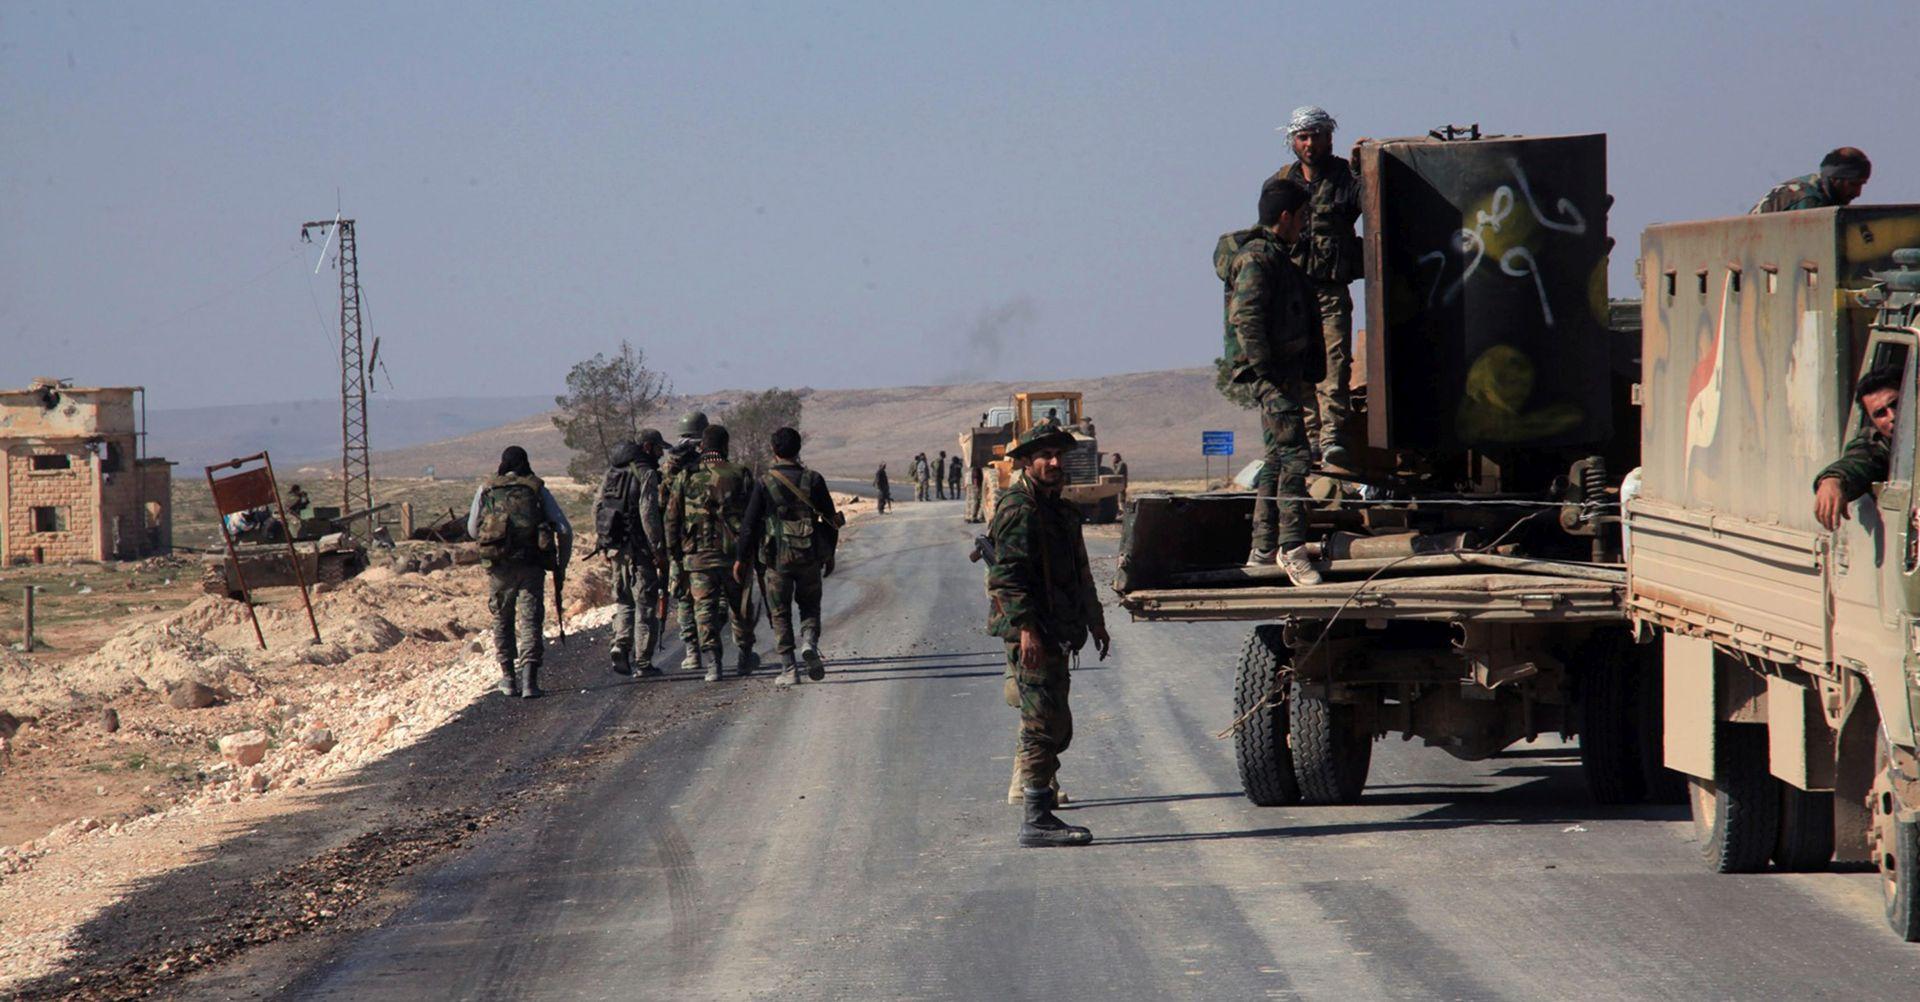 STABILIZACIJA STANJA: Rusija najavila prekid vatre u Siriji